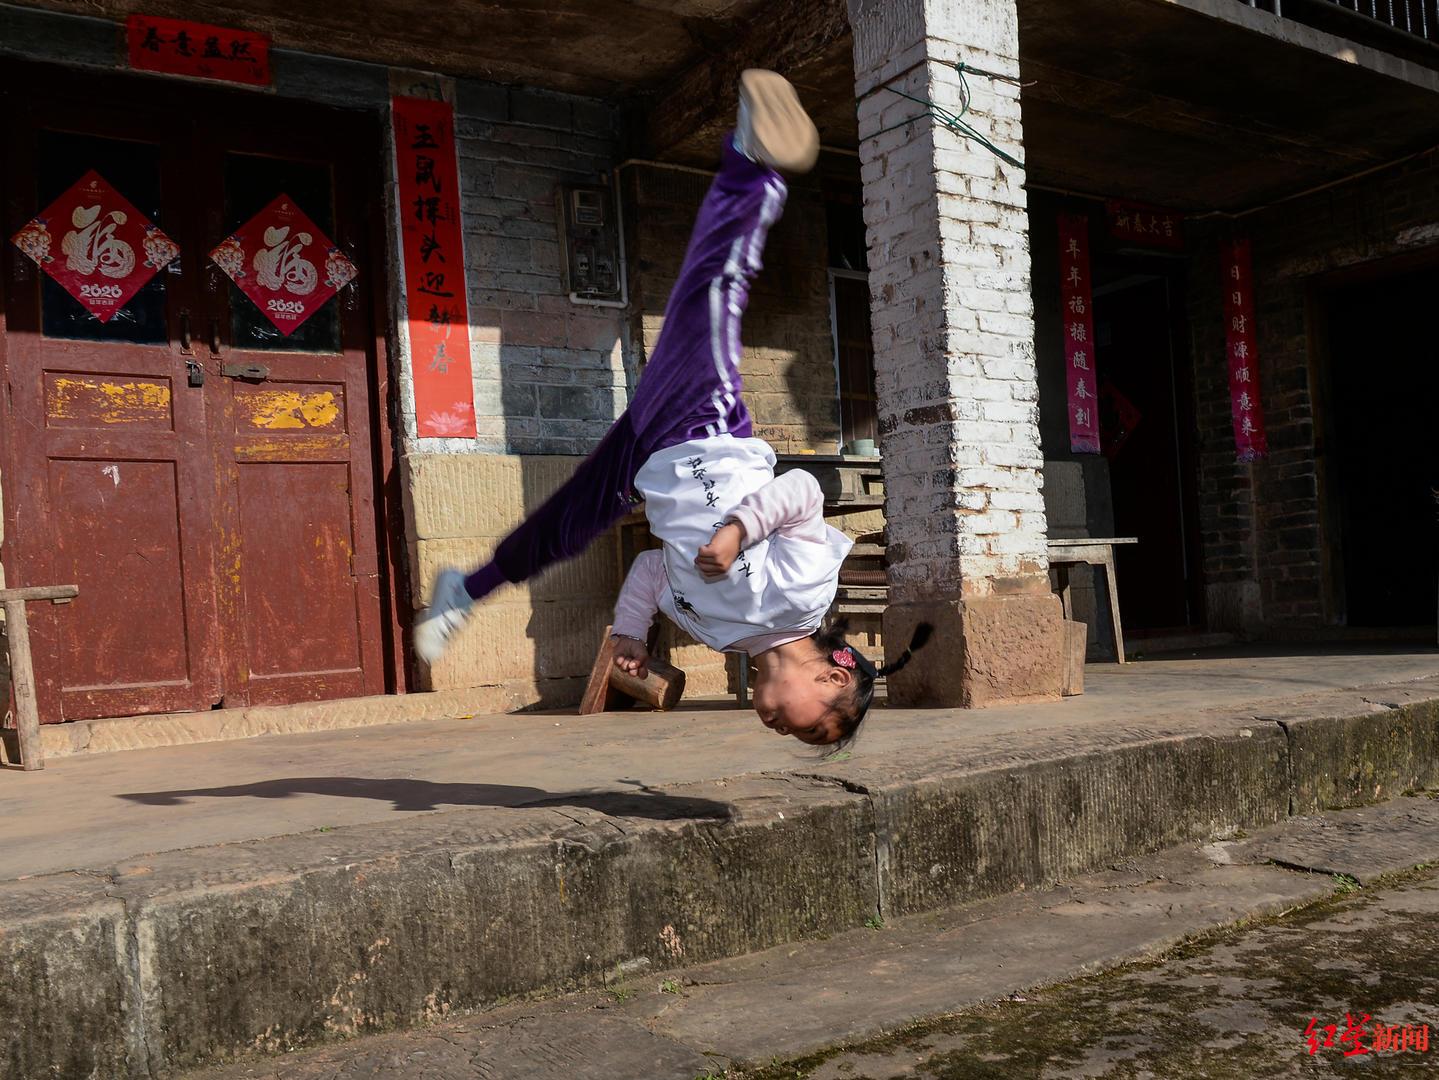 5岁女孩每天翻跟斗100个走红背后:3岁寒假去嵩山习武,单亲妈妈希望她勇敢自信